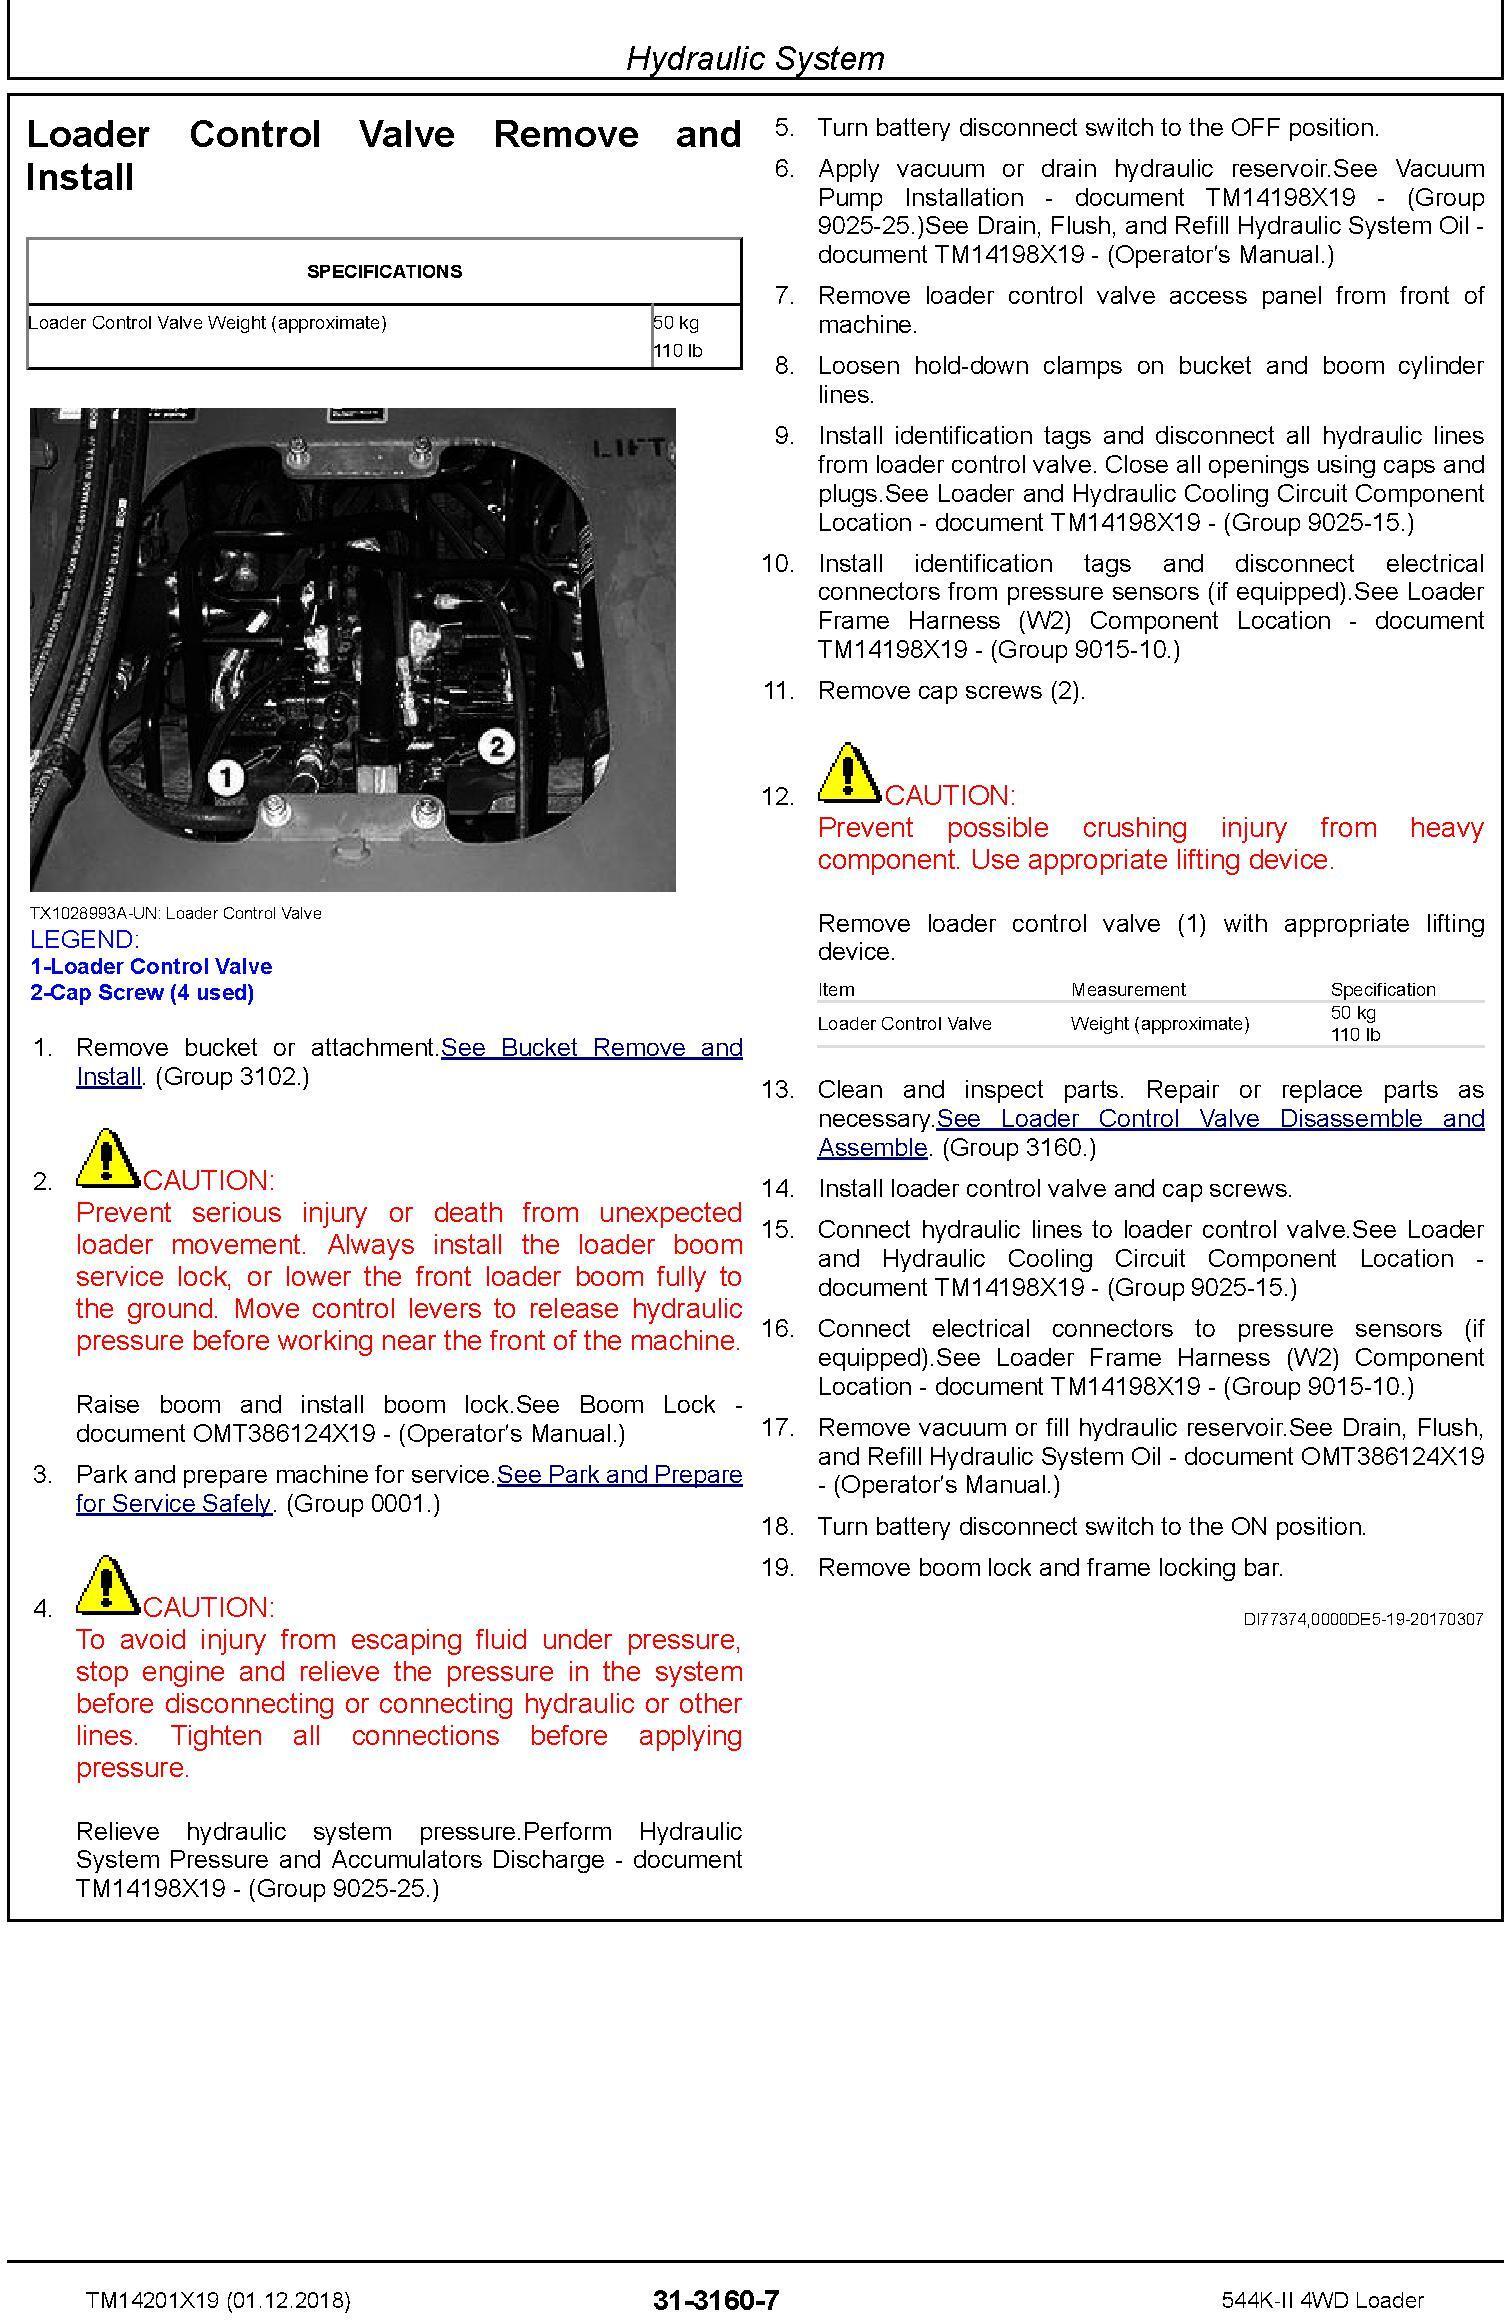 John Deere 544K-II (SN. D001001-) 4WD Loader Repair Technical Service Manual (TM14201X19) - 3